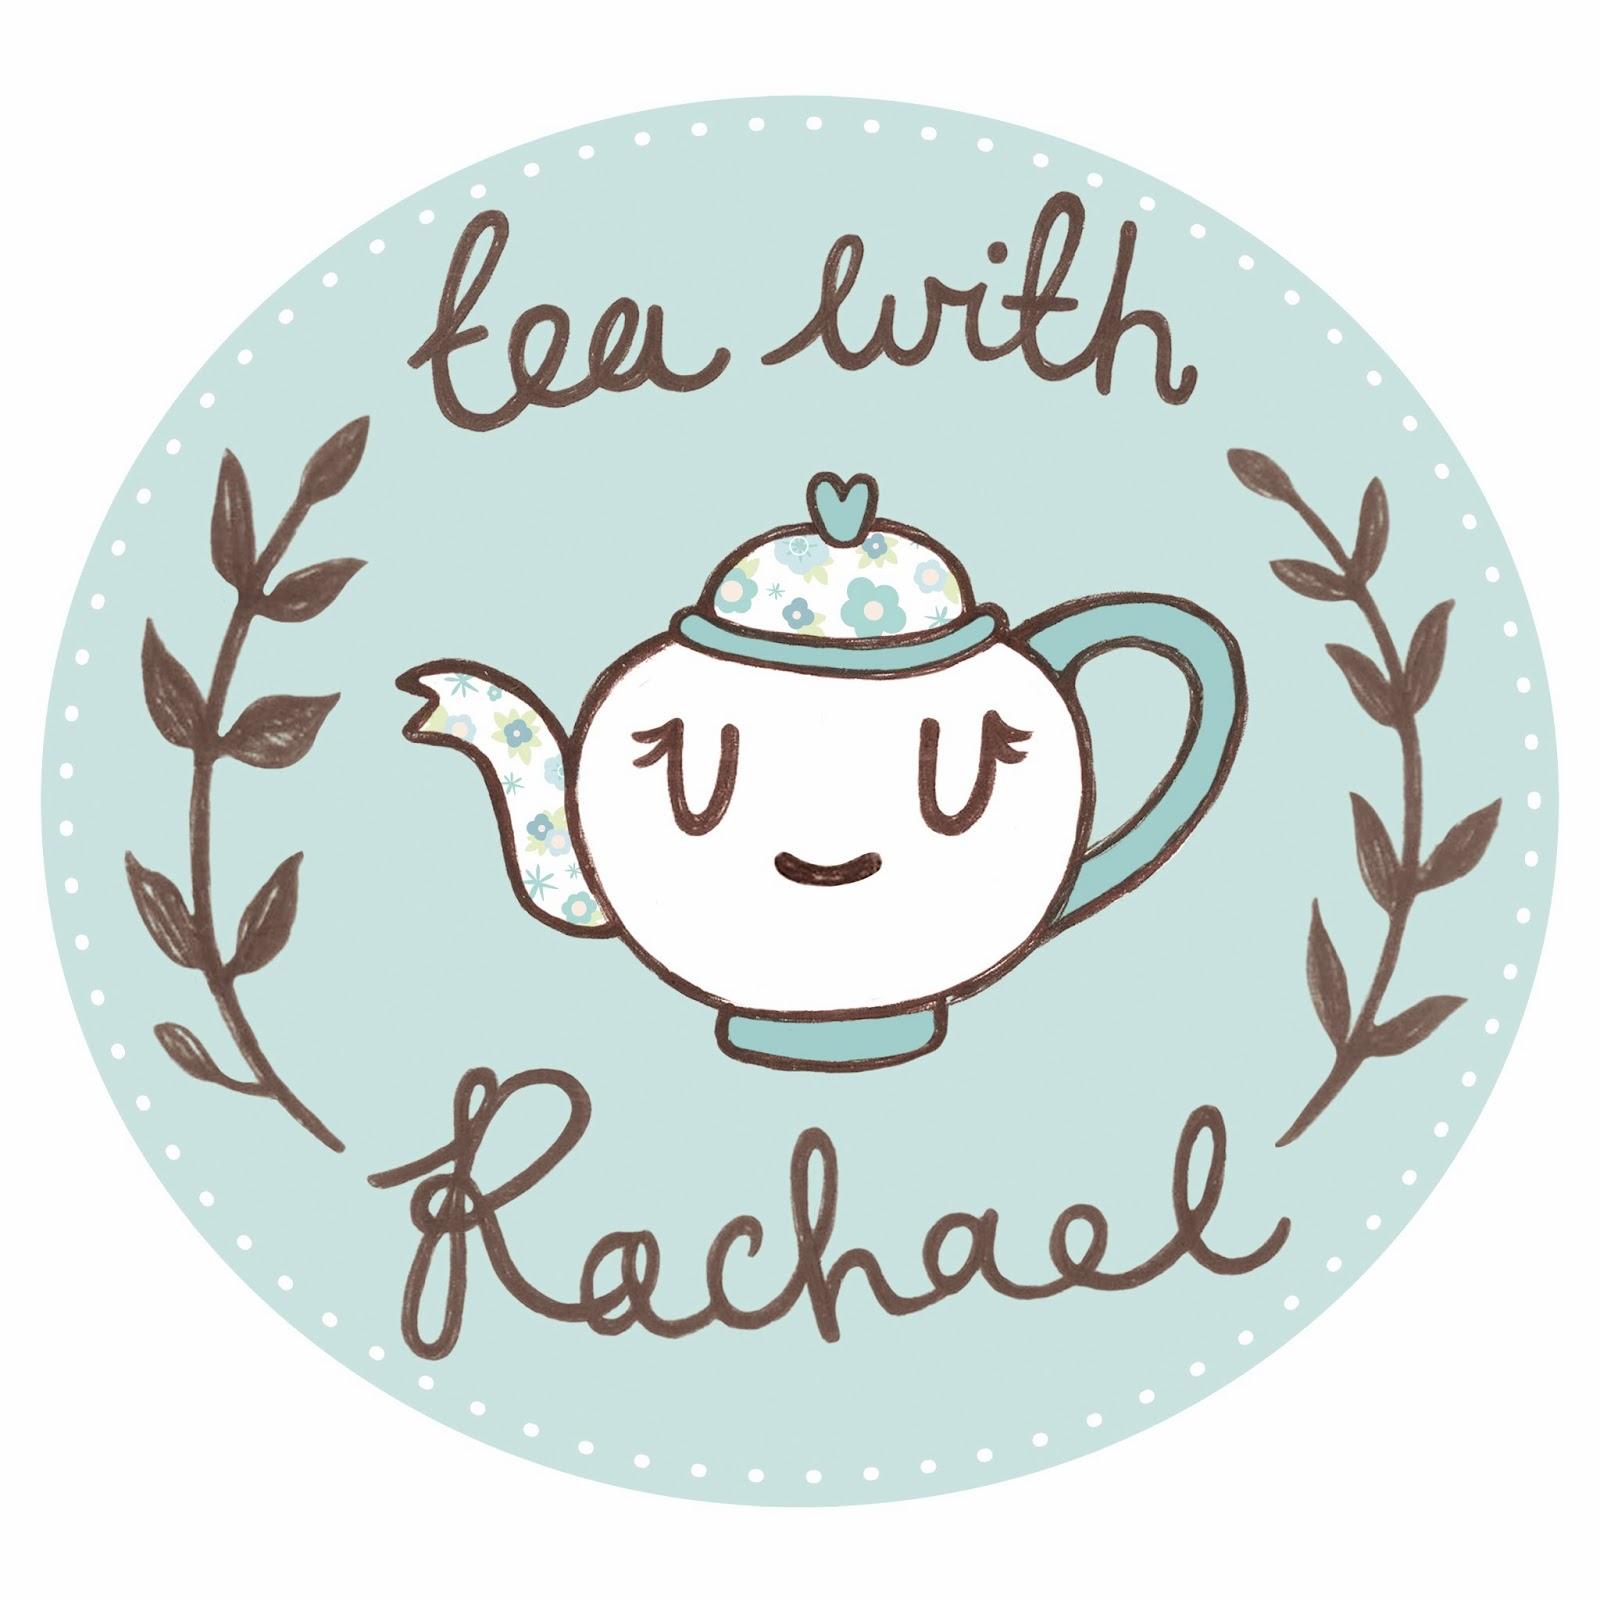 Tea with Rachael